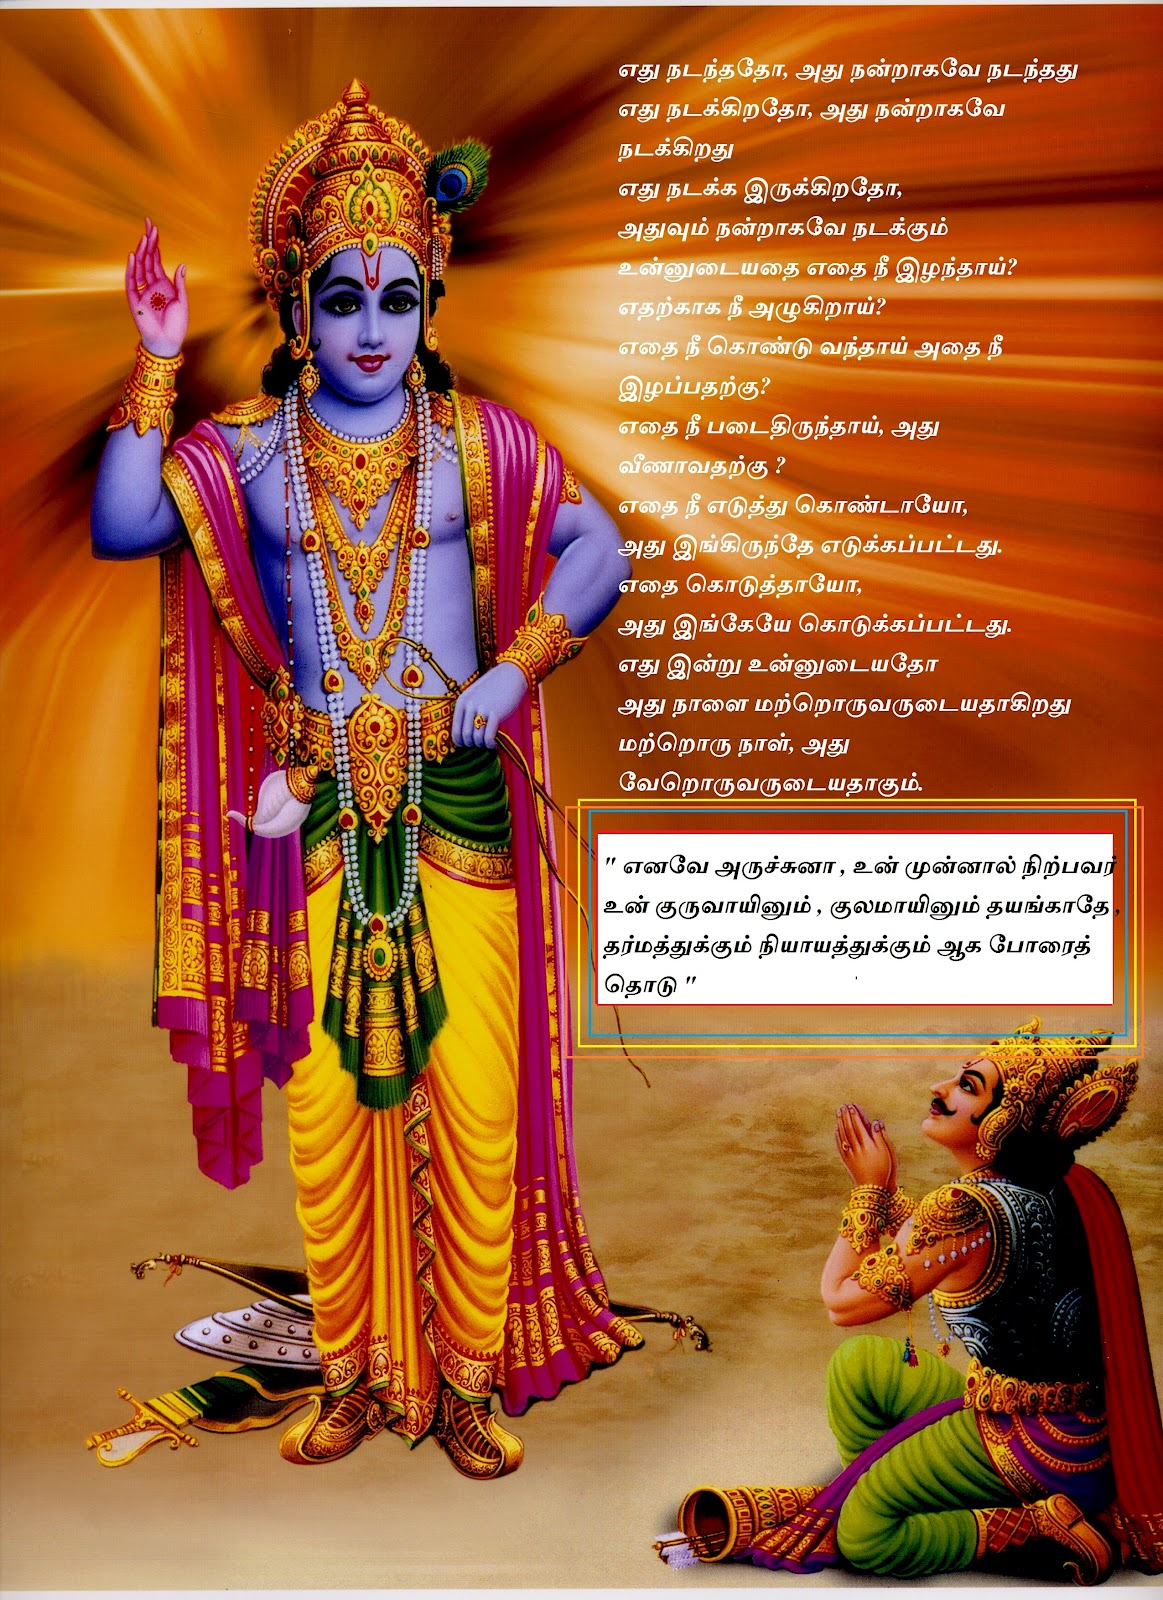 speech on bhagavad gita